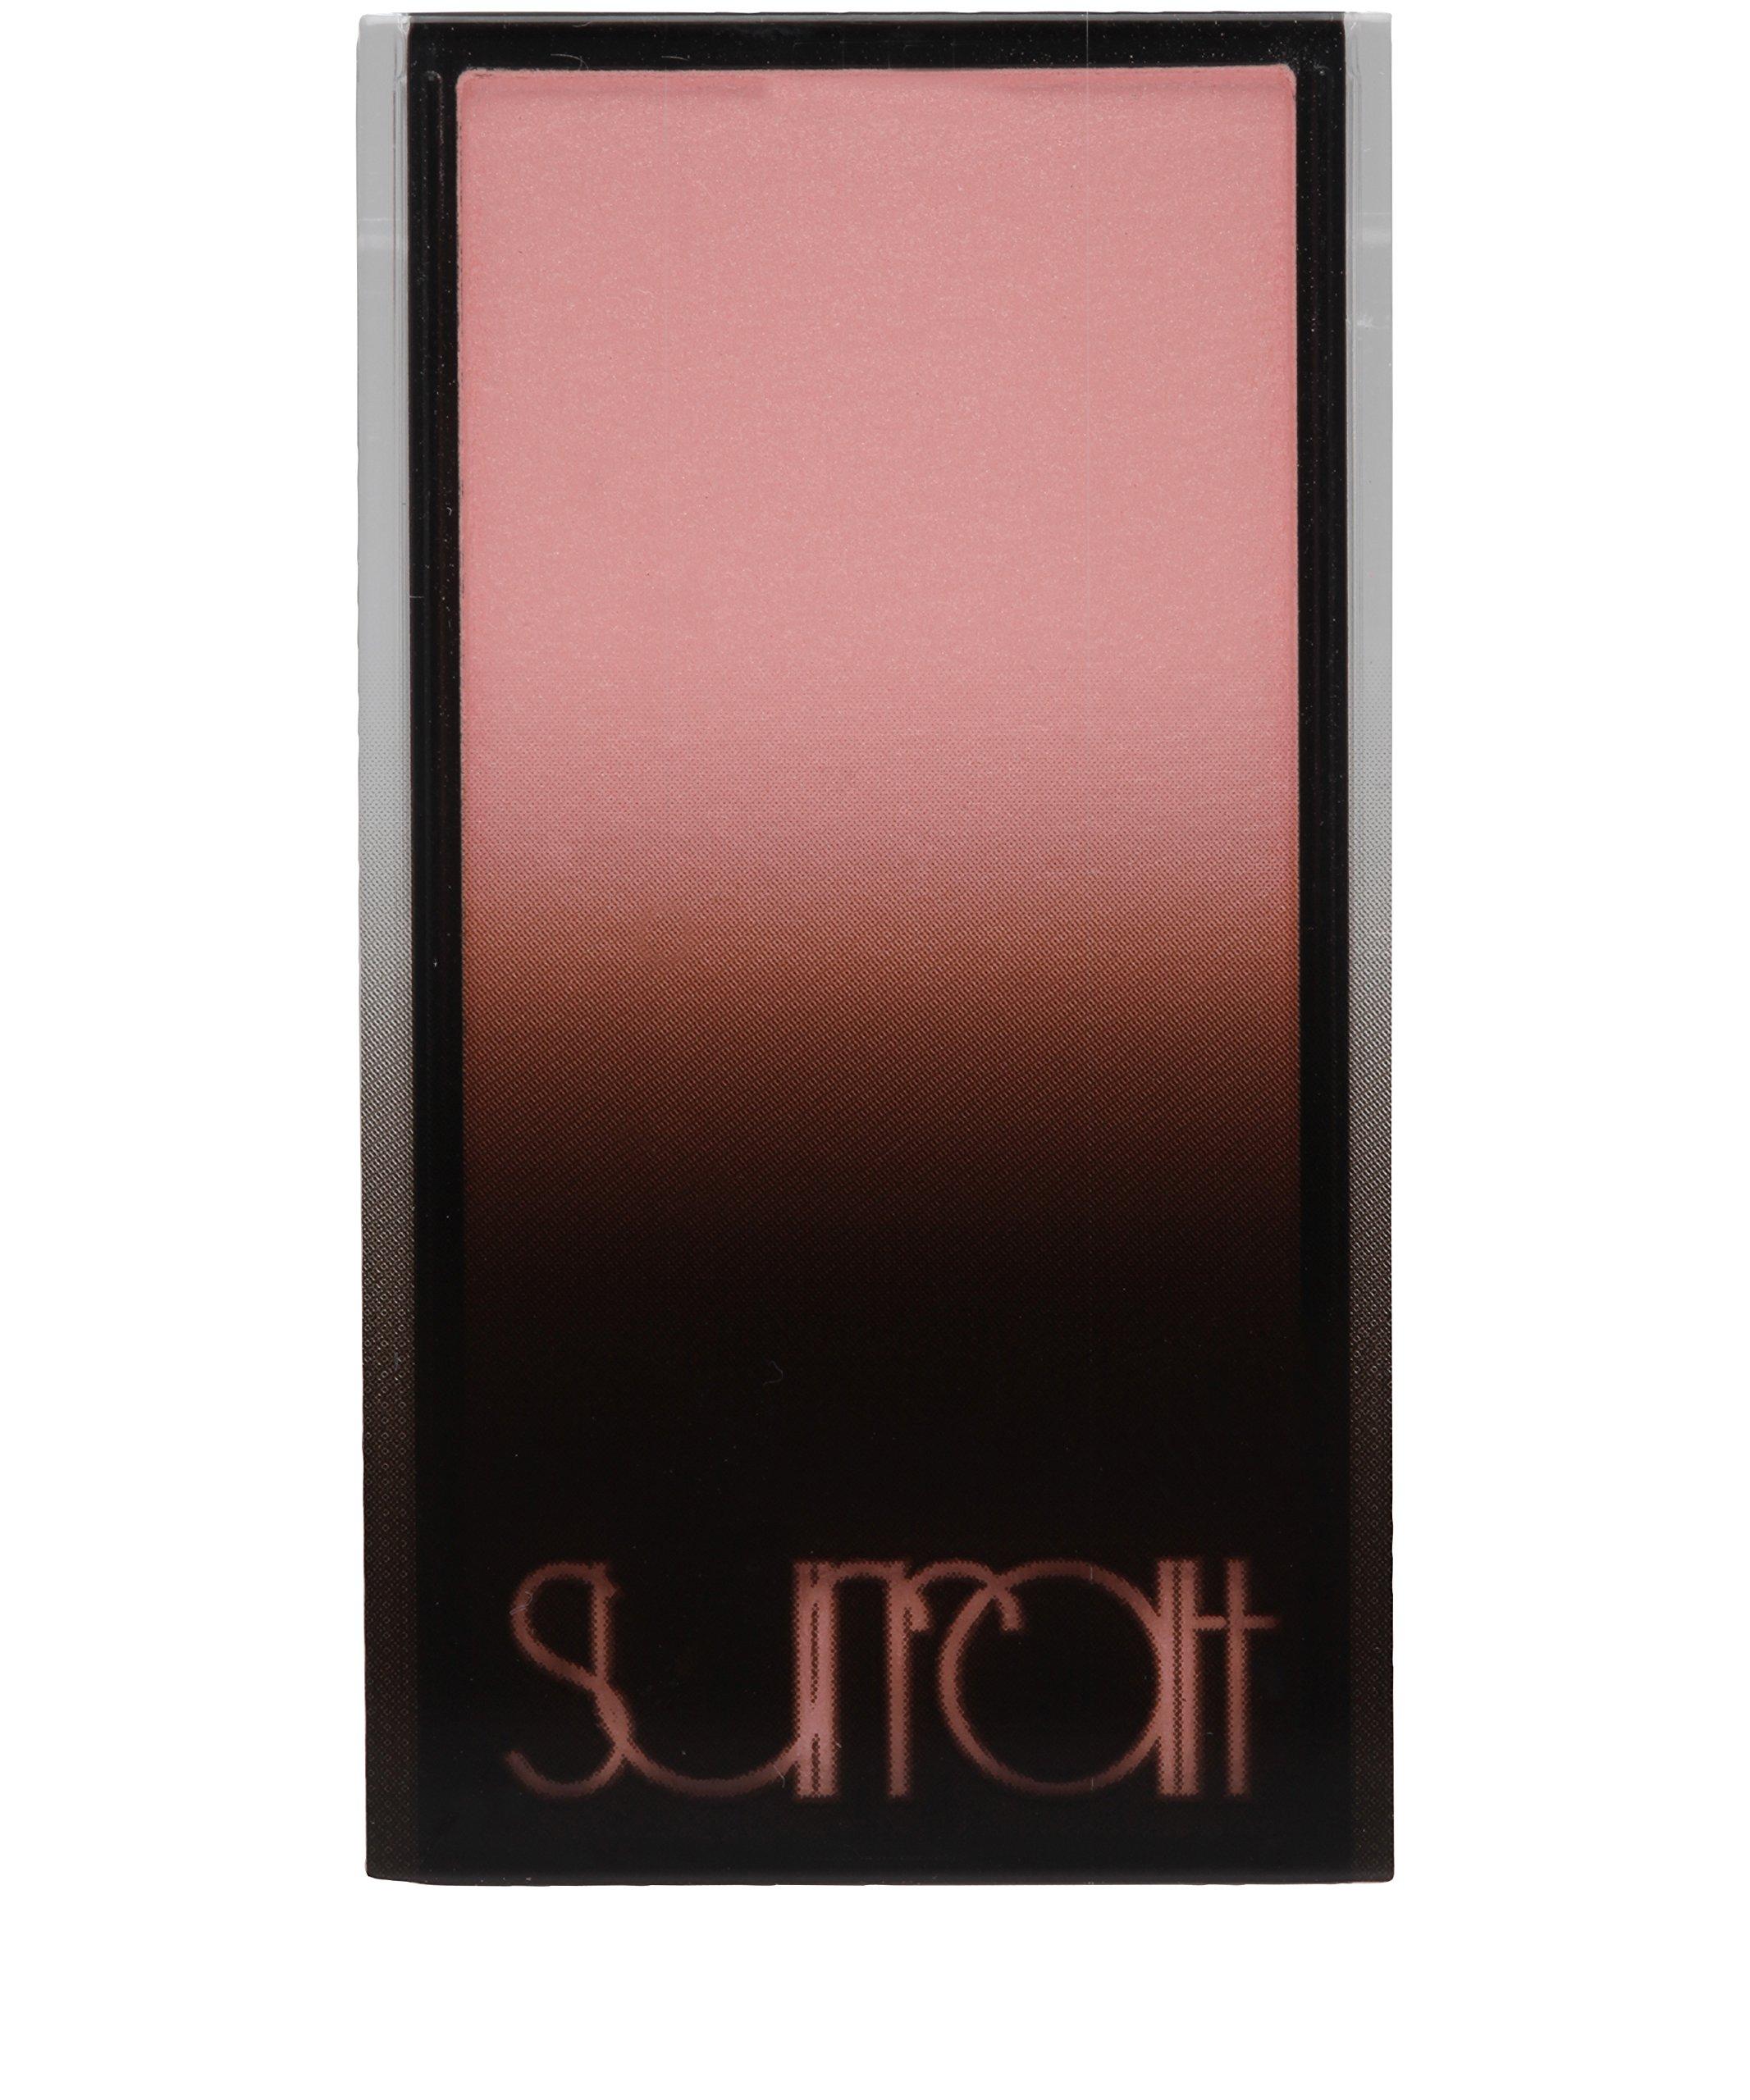 Surratt Artistique Blush,3 La Vie En Soft Rose, 0.14 Ounce